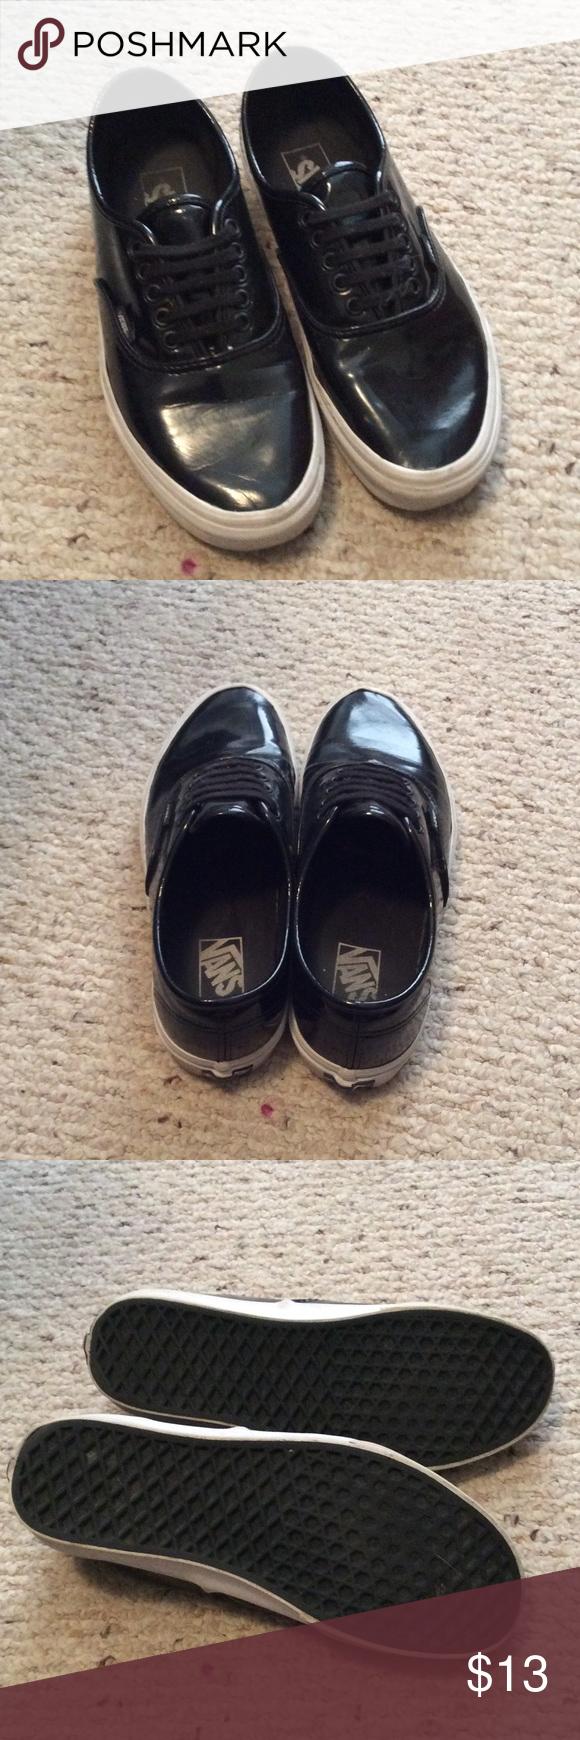 Shiny Vans 9.5 Has been worn regularly. Vans Shoes Sneakers